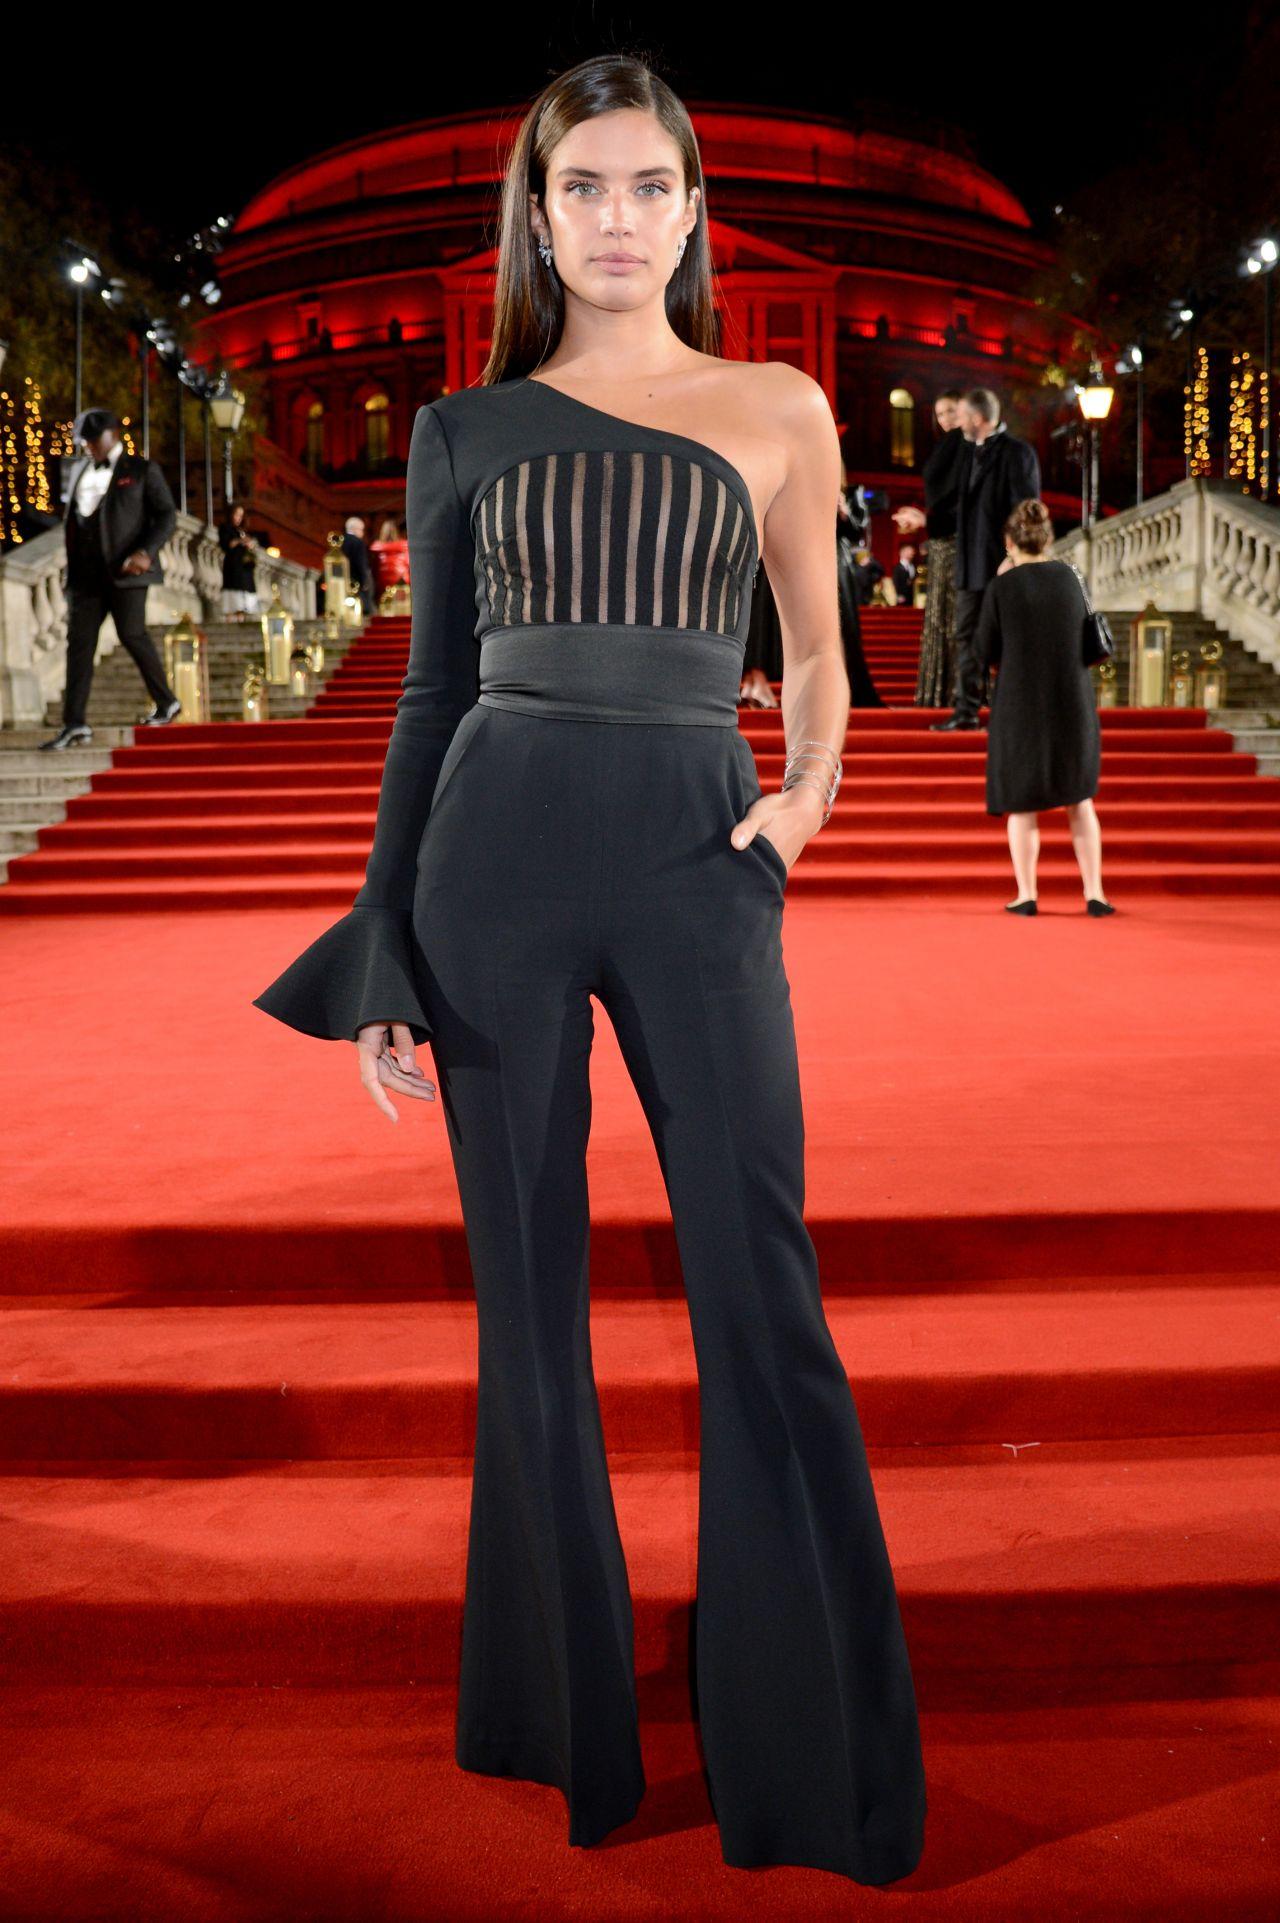 Sara Sampaio Ndash The Fashion Awards 2018 In London